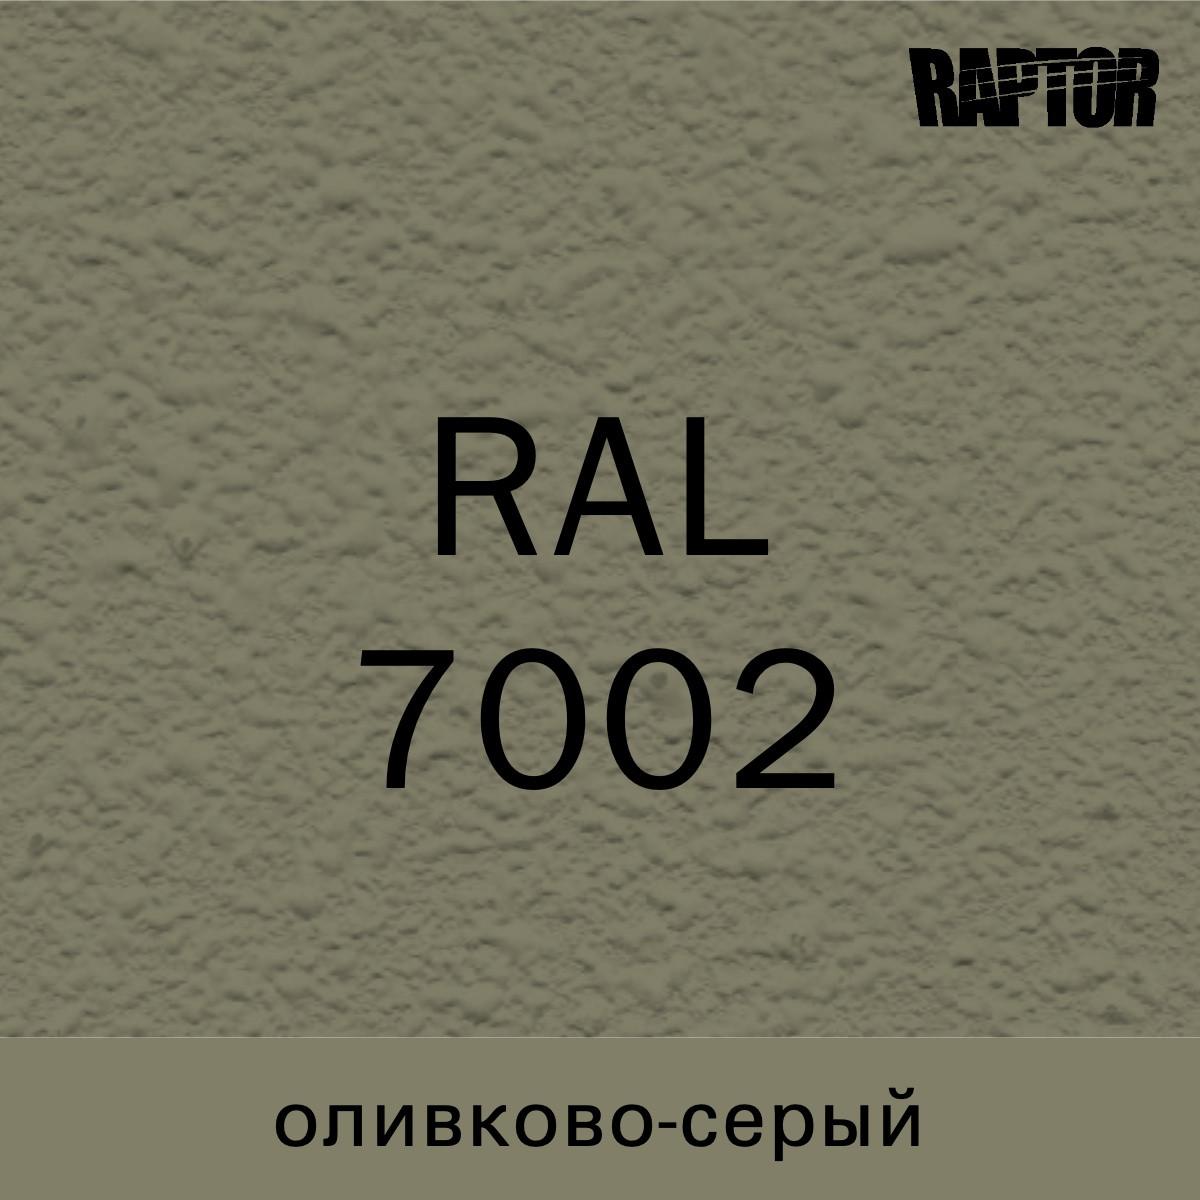 Пигмент для колеровки покрытия RAPTOR™ Оливково-серый (RAL 7002)